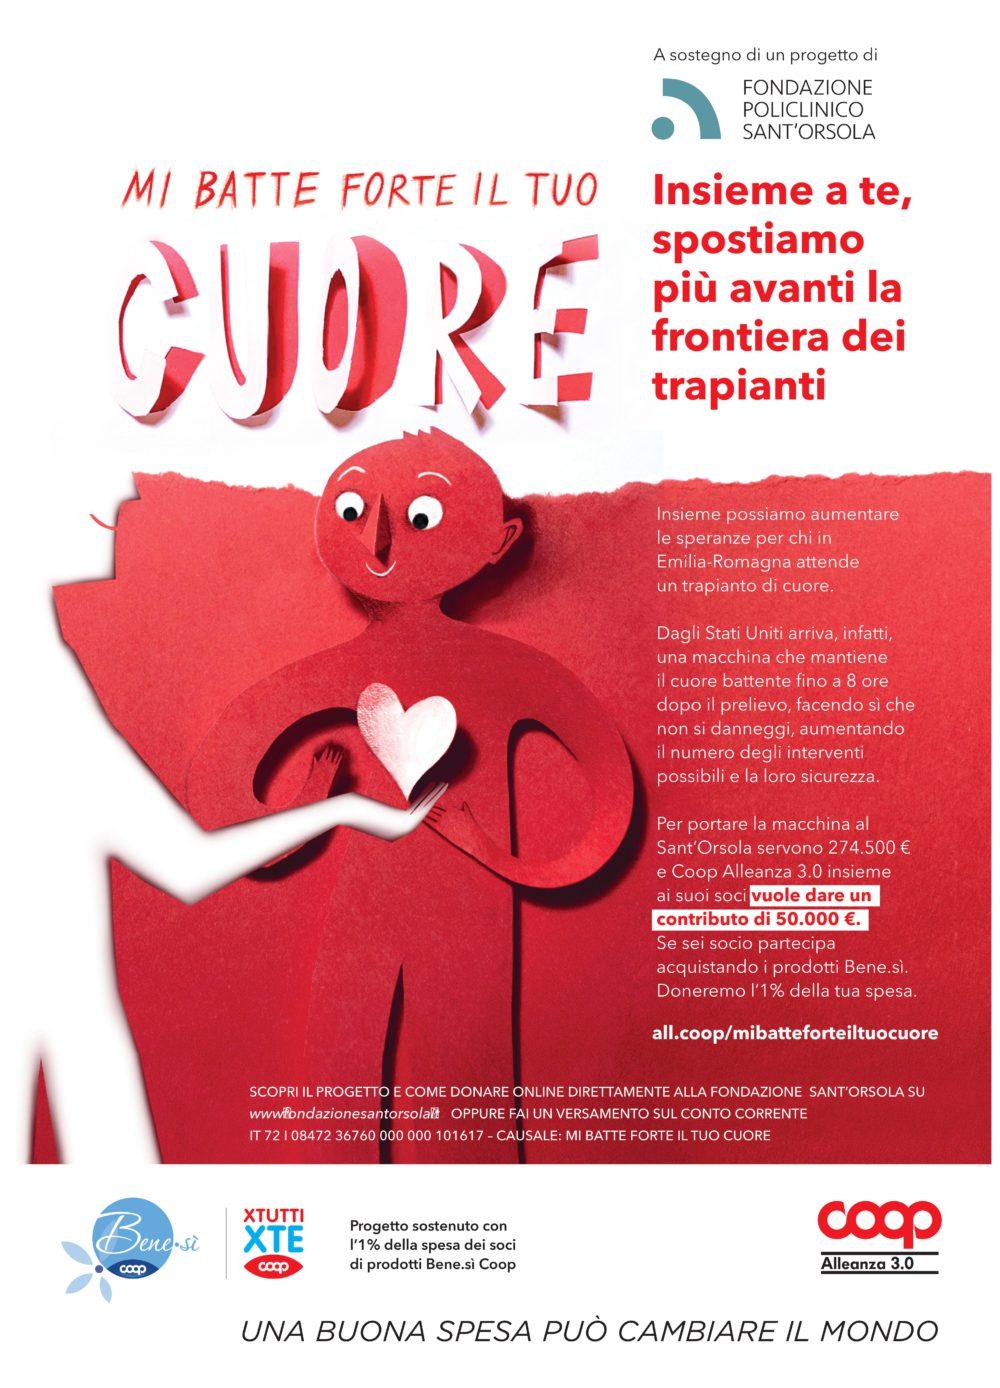 """Nelle Coop di Modena e Ferrara l'iniziativa """"mi batte forte il tuo cuore!"""" della Fondazione Policlinico Sant'Orsola"""